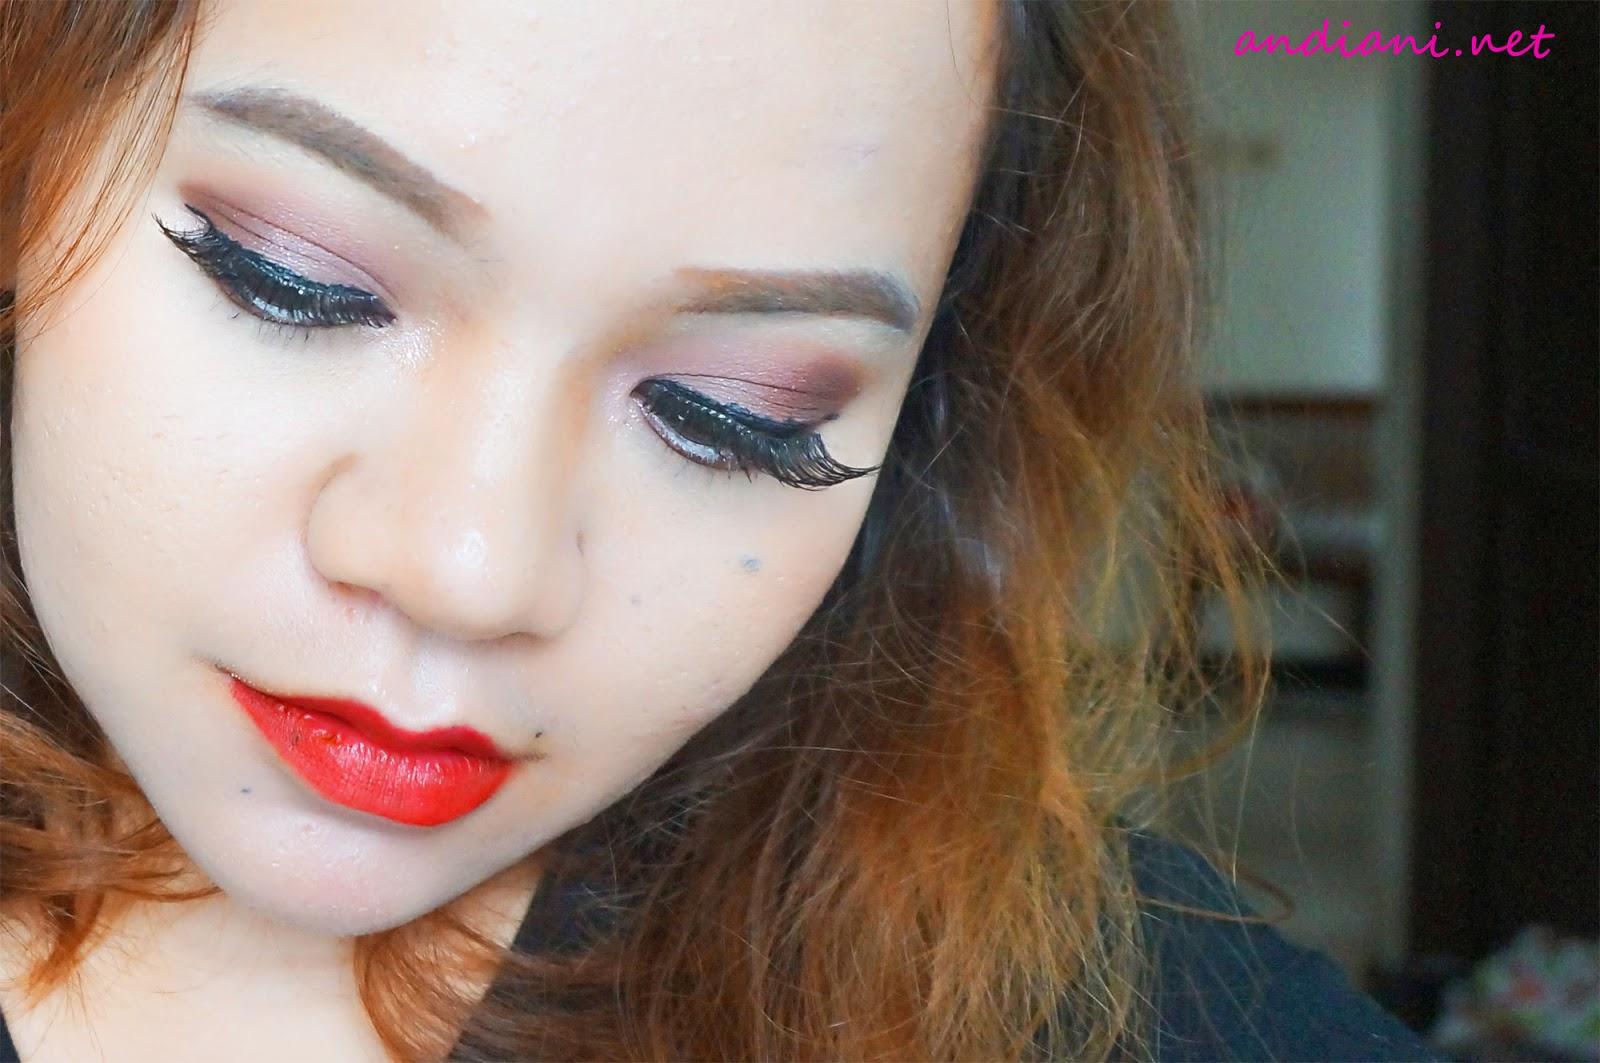 [Review] Wardah Eyeliner EyeXpert Optimum Hi Black Liner